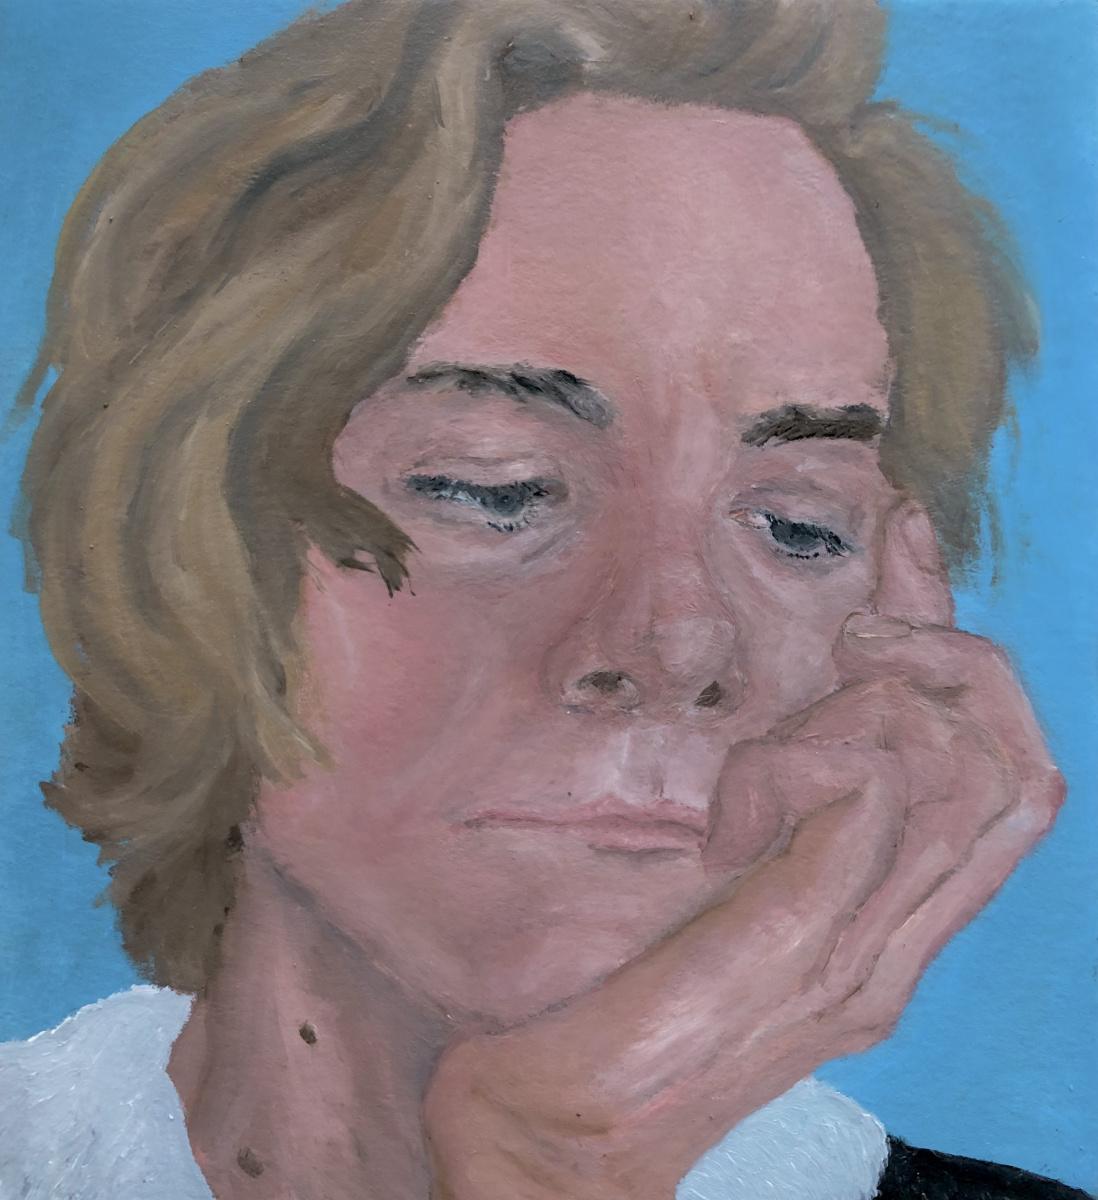 Vladislav Vossoyed. Self-portrait. I'm 22